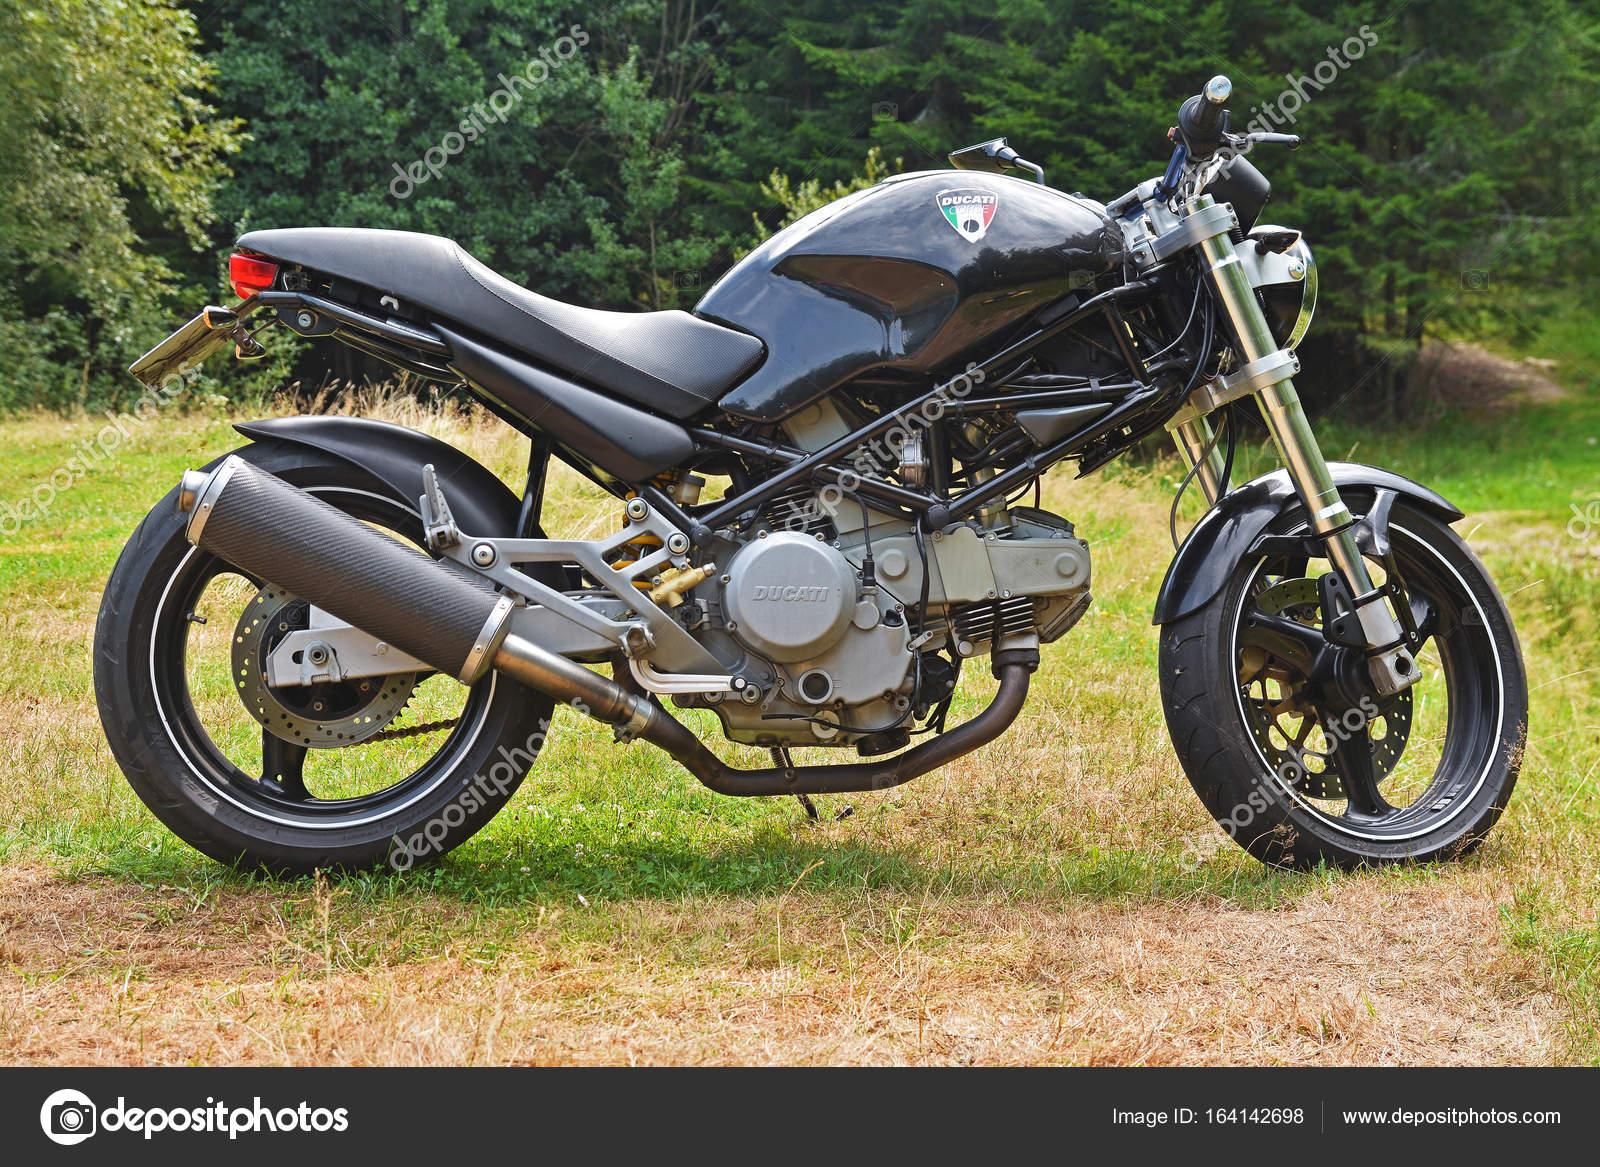 Ducati Monster Motorrad — Redaktionelles Stockfoto © ibogdan #164142698